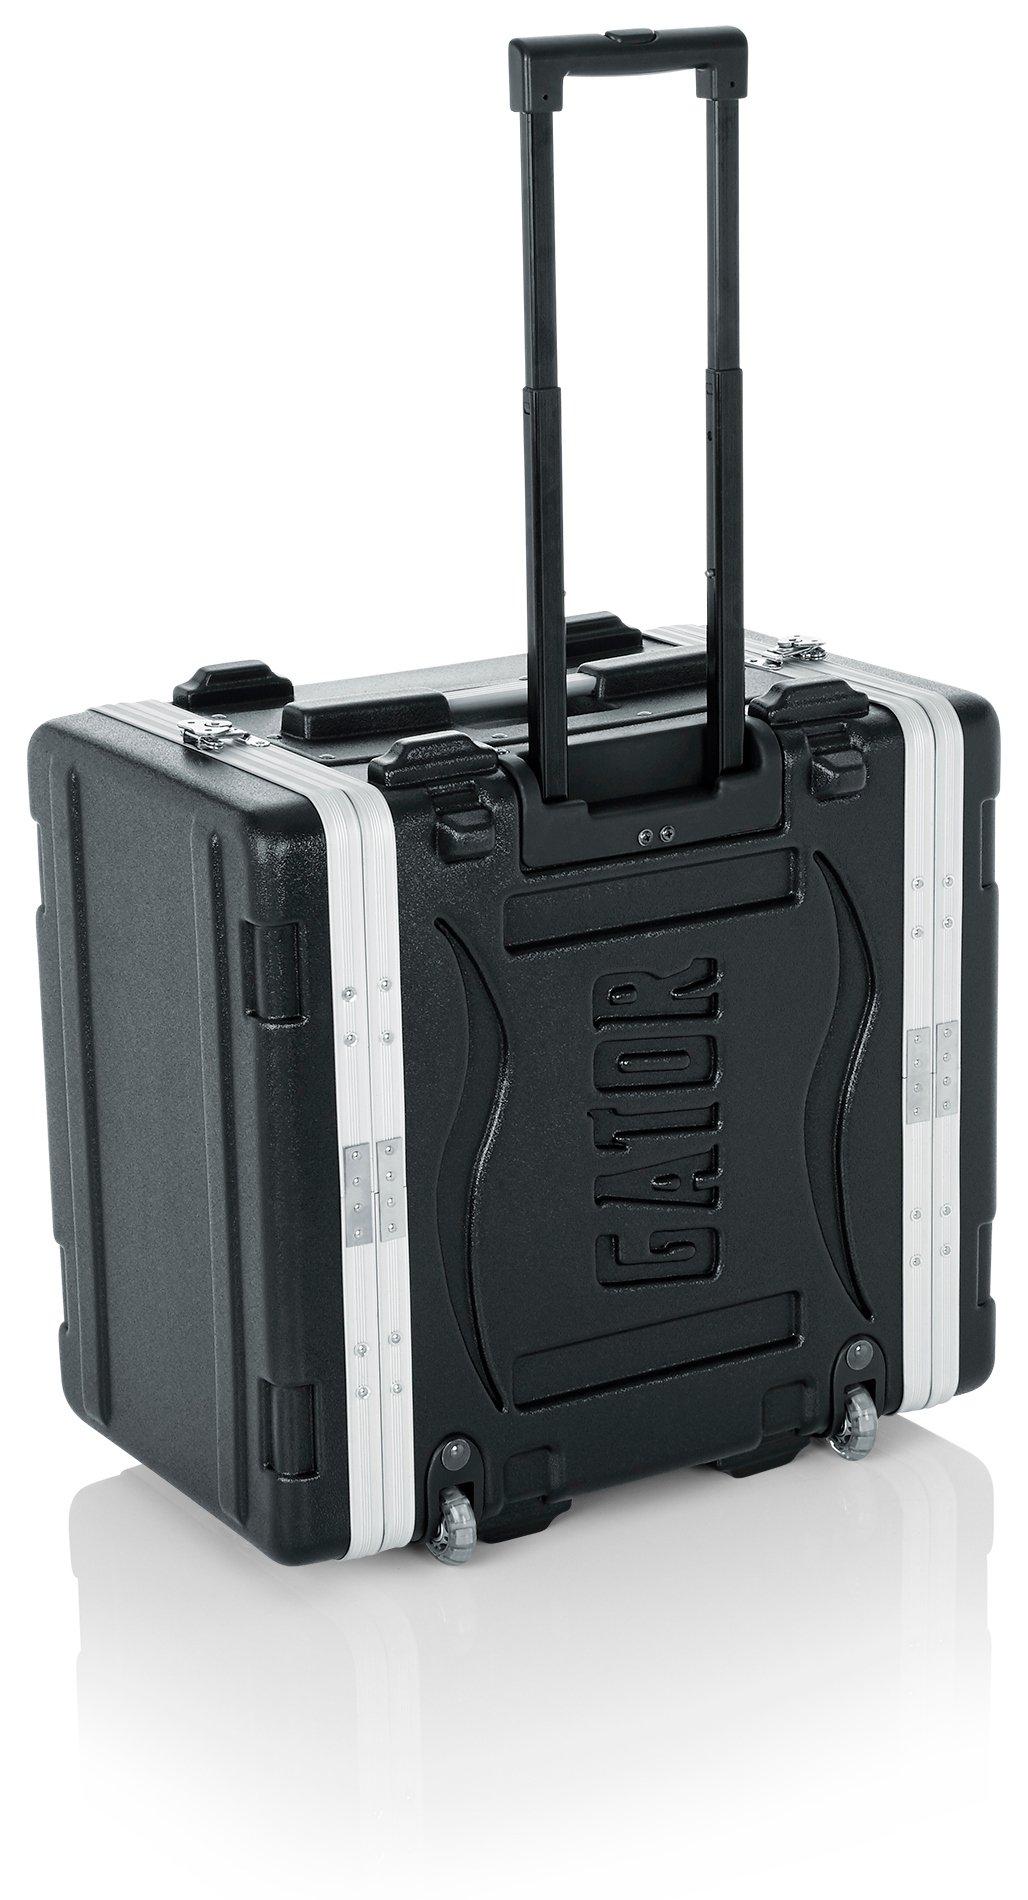 6RU Lockable Rack Case (with Wheels)